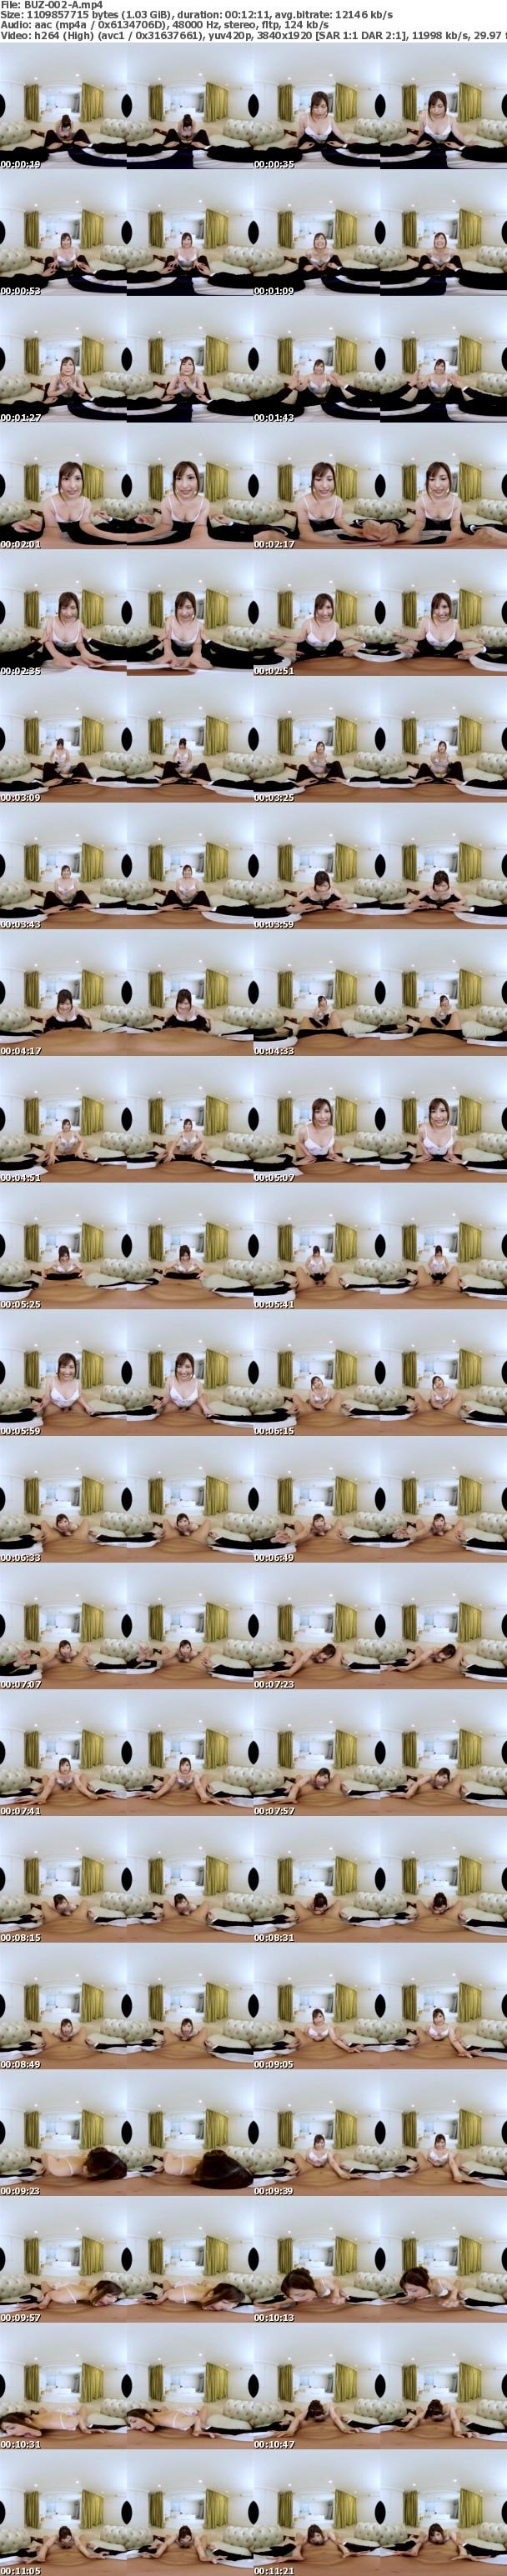 VR/3D BUZ-002 buz流風俗3本勝負!イチャラブソープ&娘の友達来ちゃったデルヘル&激カワピンサロ嬢に中出し3本番!